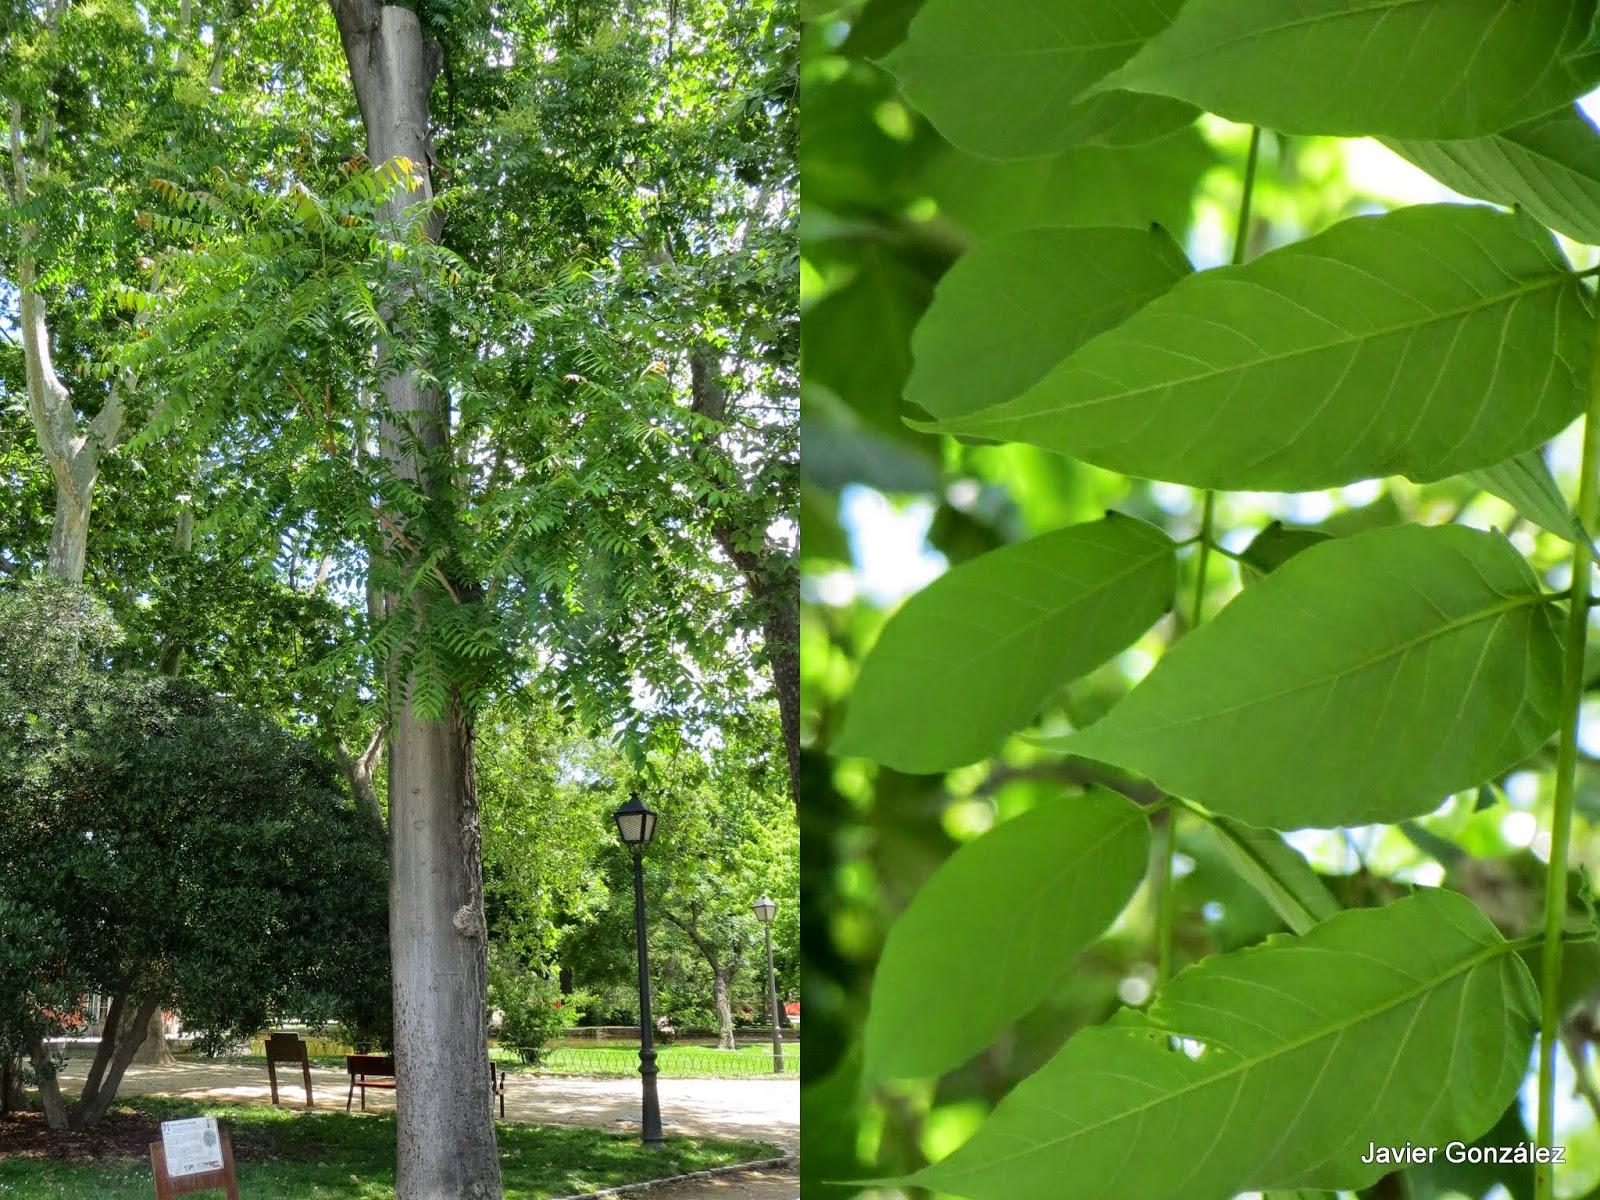 Parque del Retiro. Madrid. Ailanto / Ailanthus